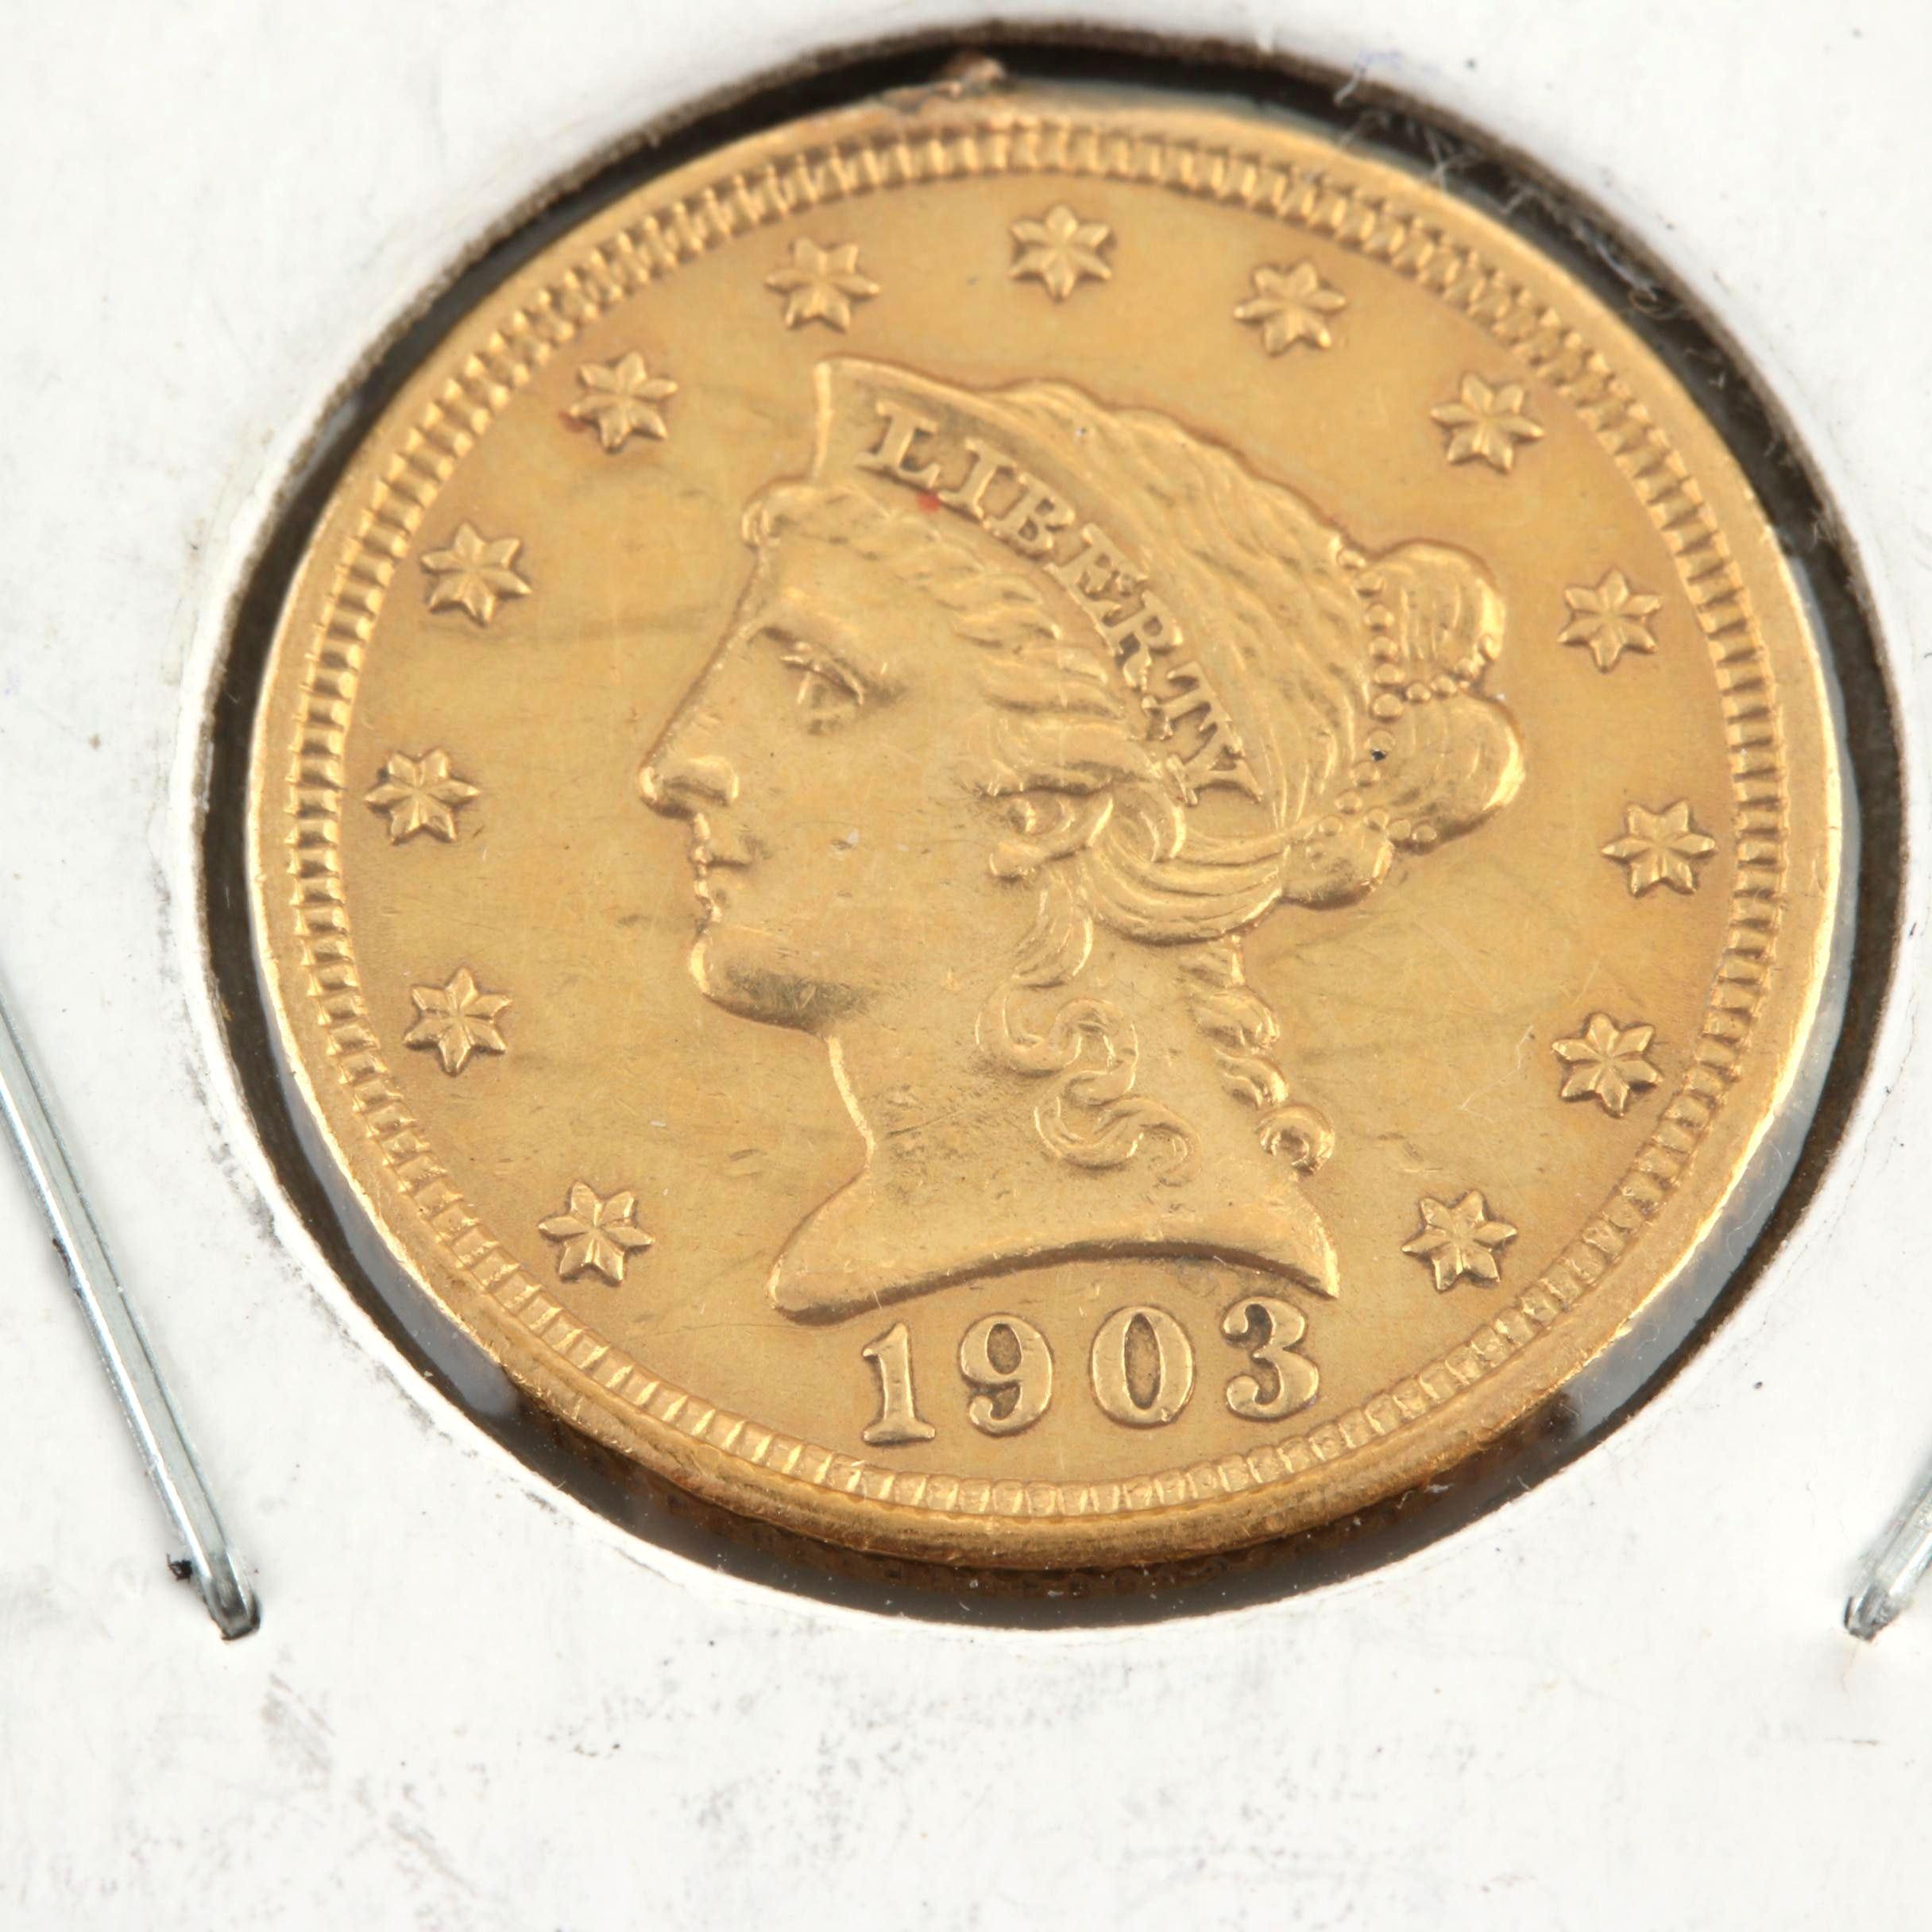 1903 Liberty Head $2.50 Gold Quarter Eagle